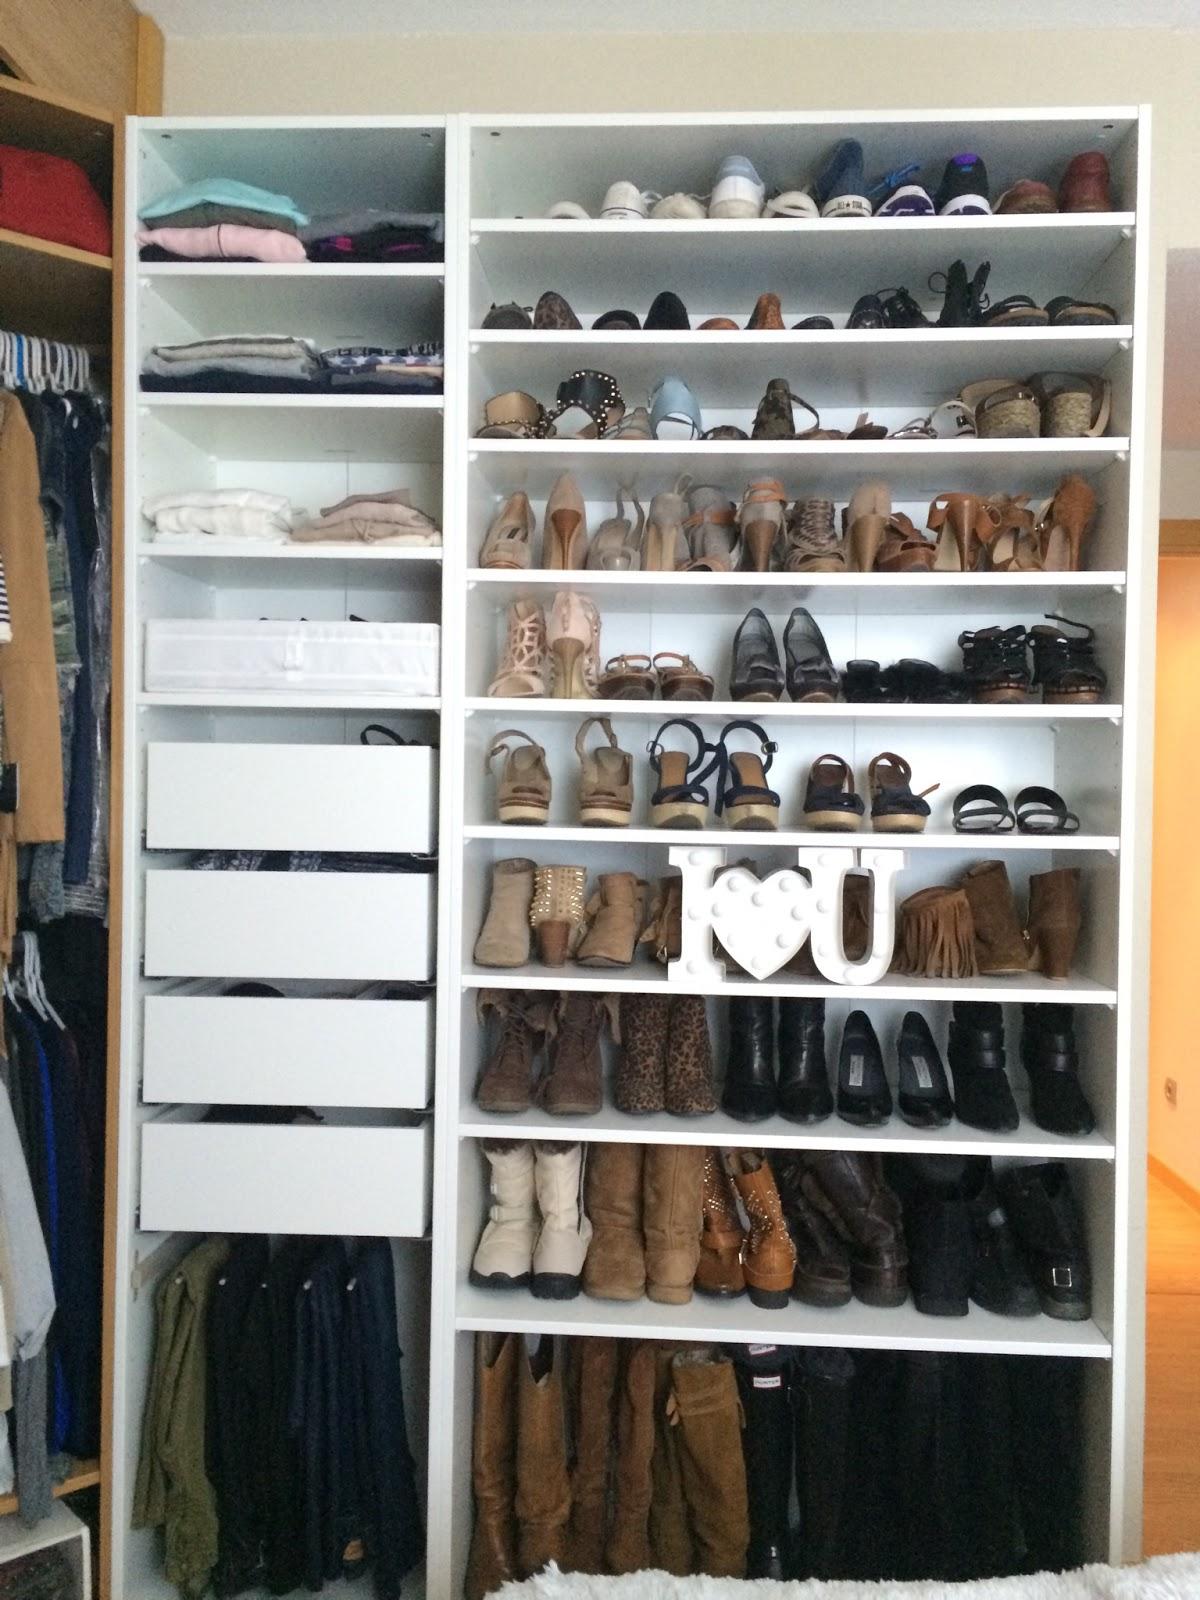 De armario a vestidor s l o a n e s t r e e t - Como construir un zapatero ...